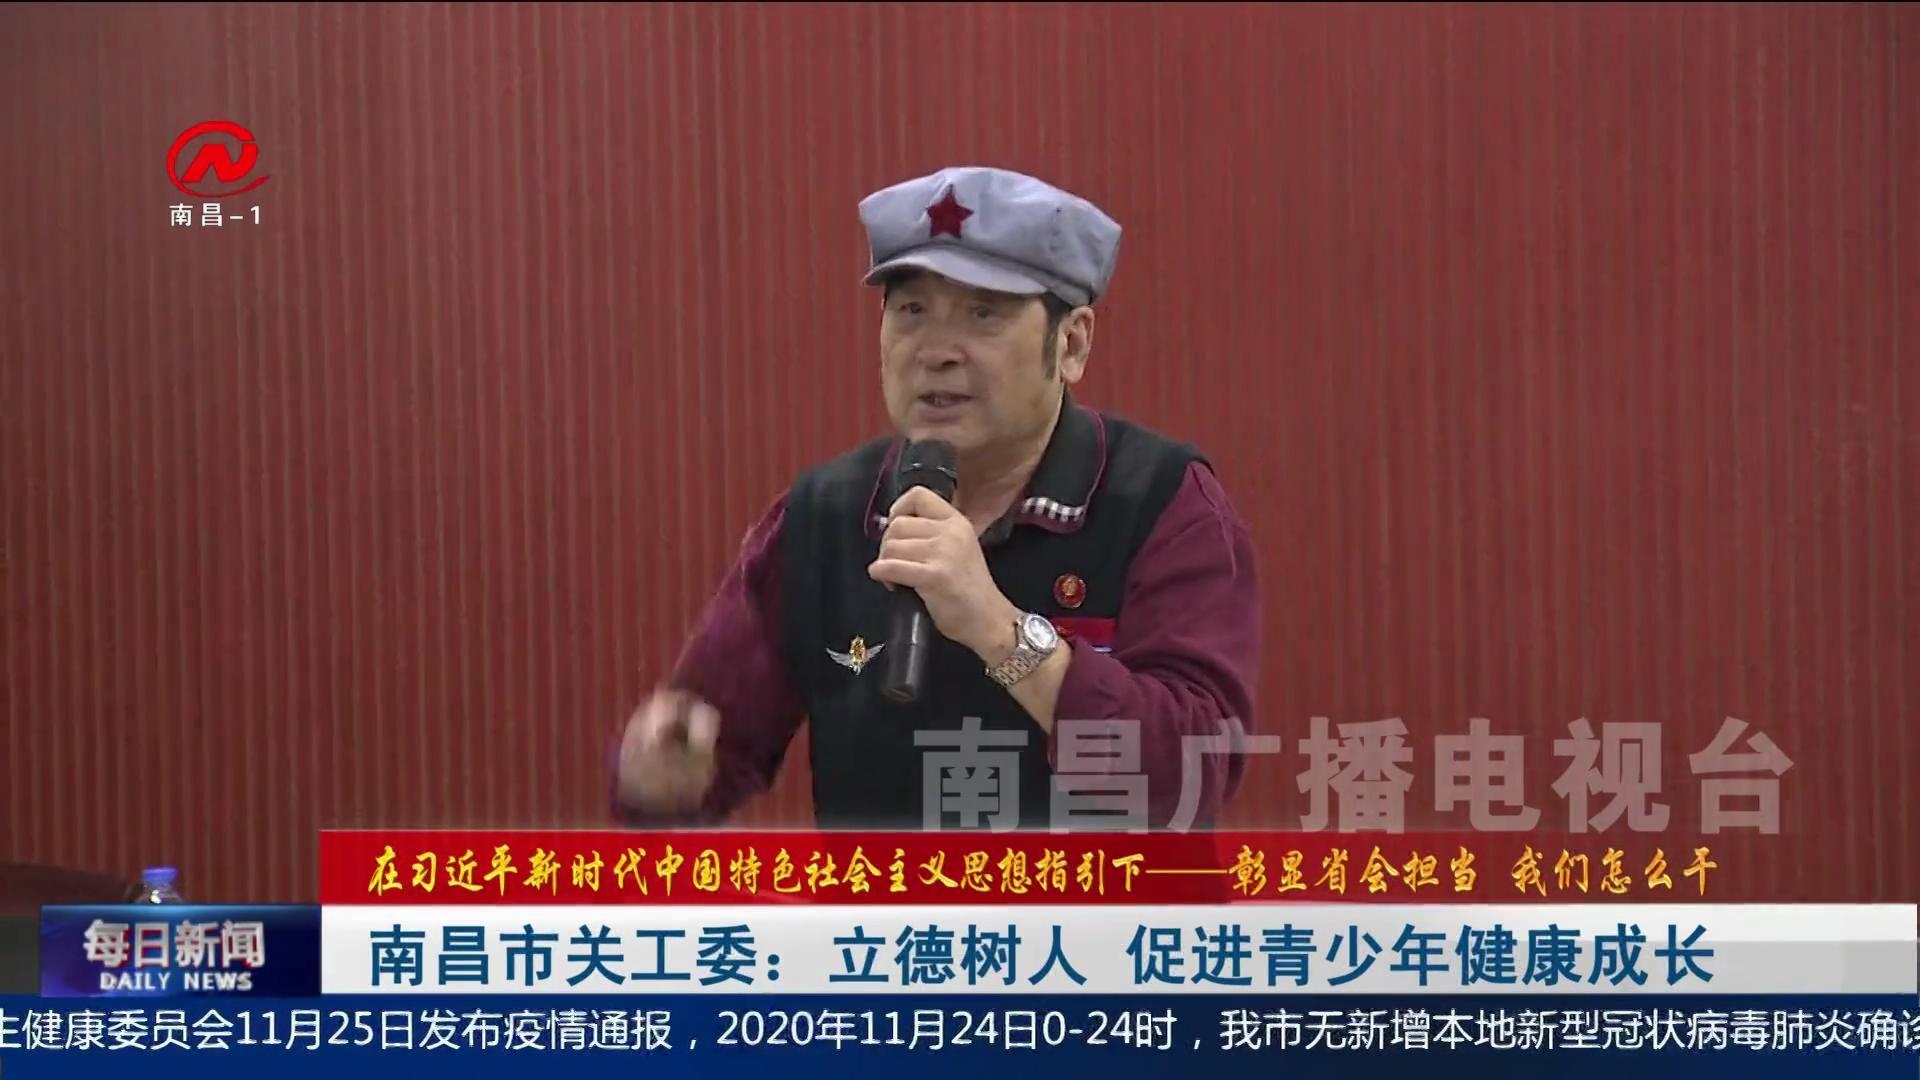 【深化文明创建】南昌市关工委:立德树人 促进青少年健康成长